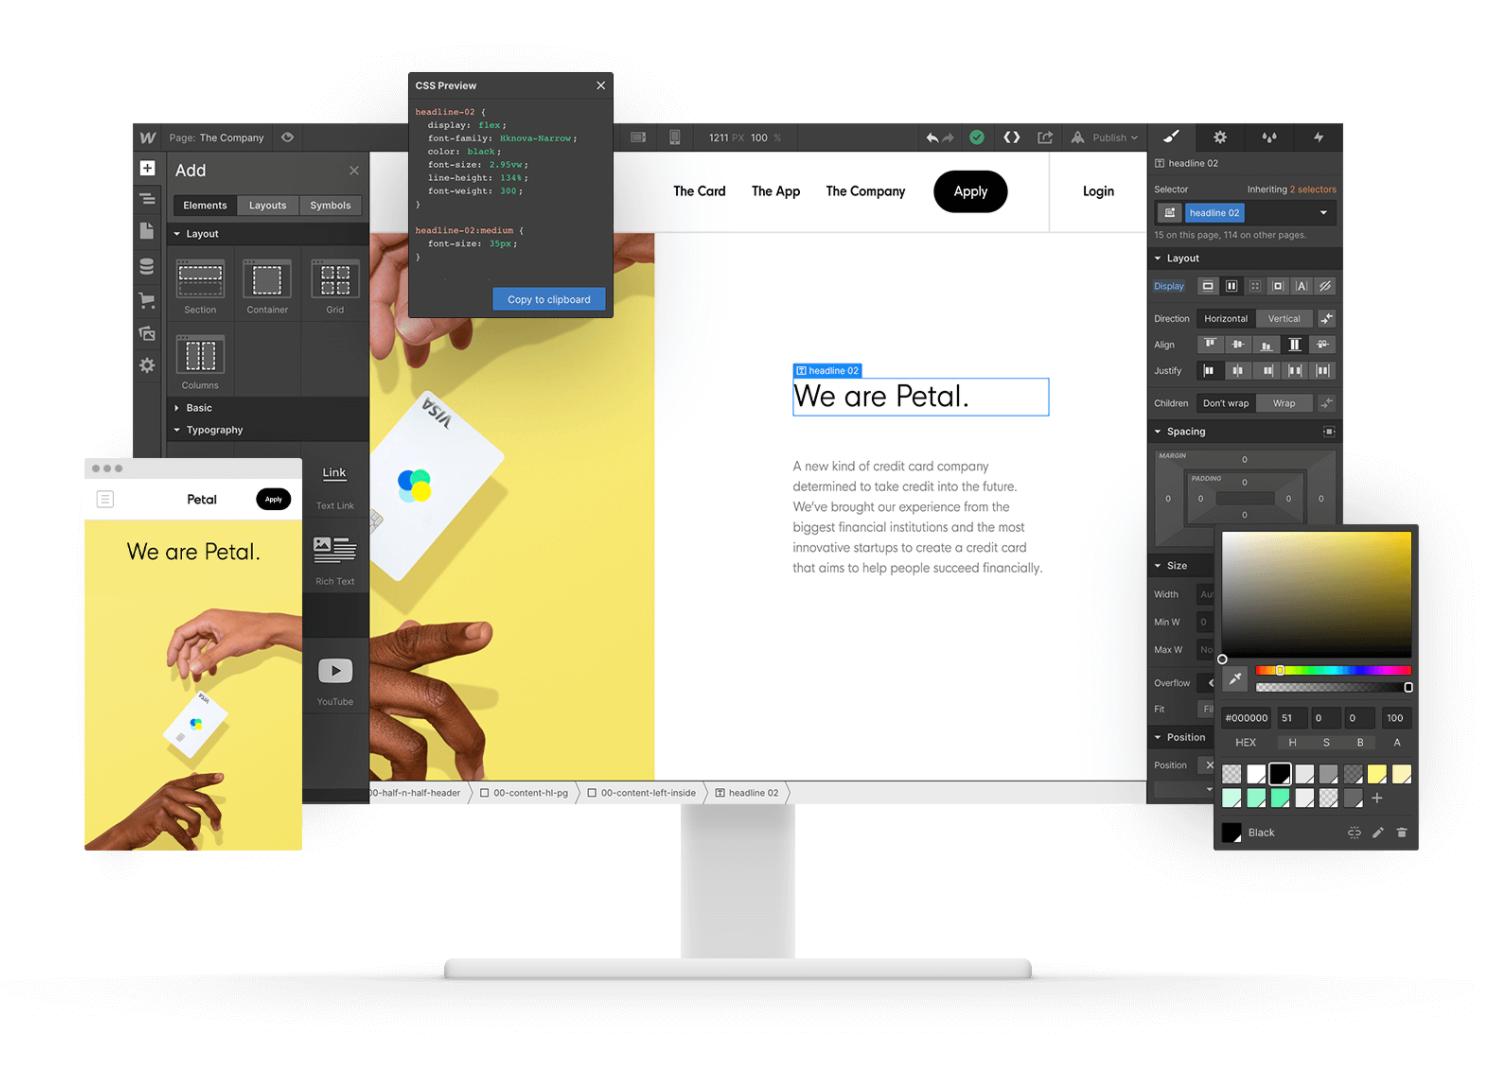 Webflow's user interface